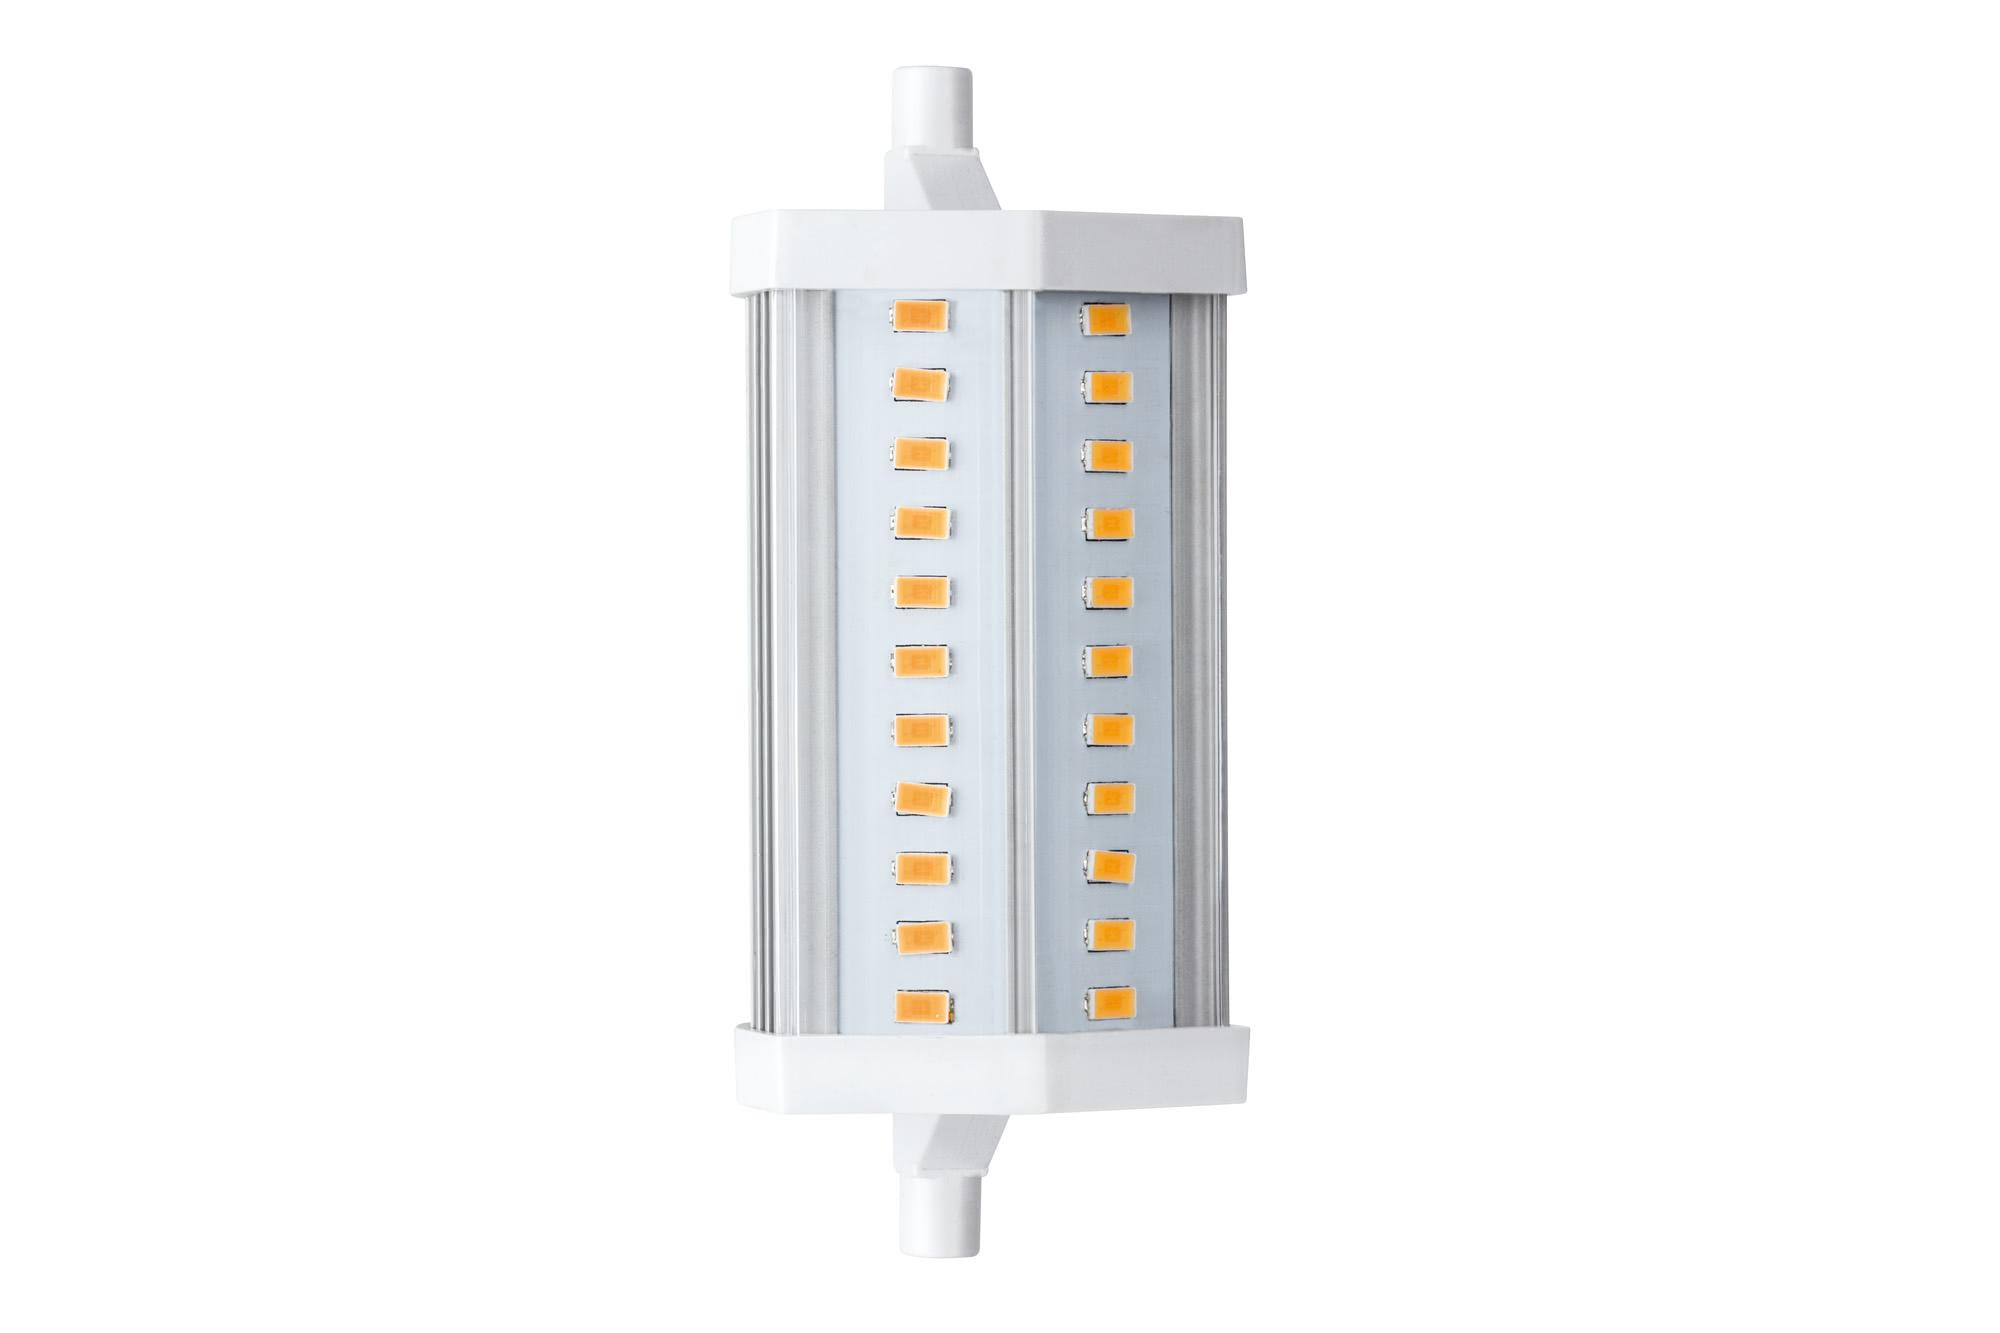 Paulmann. 28212 LED Premium Stab 12W R7s warmws dimmbar